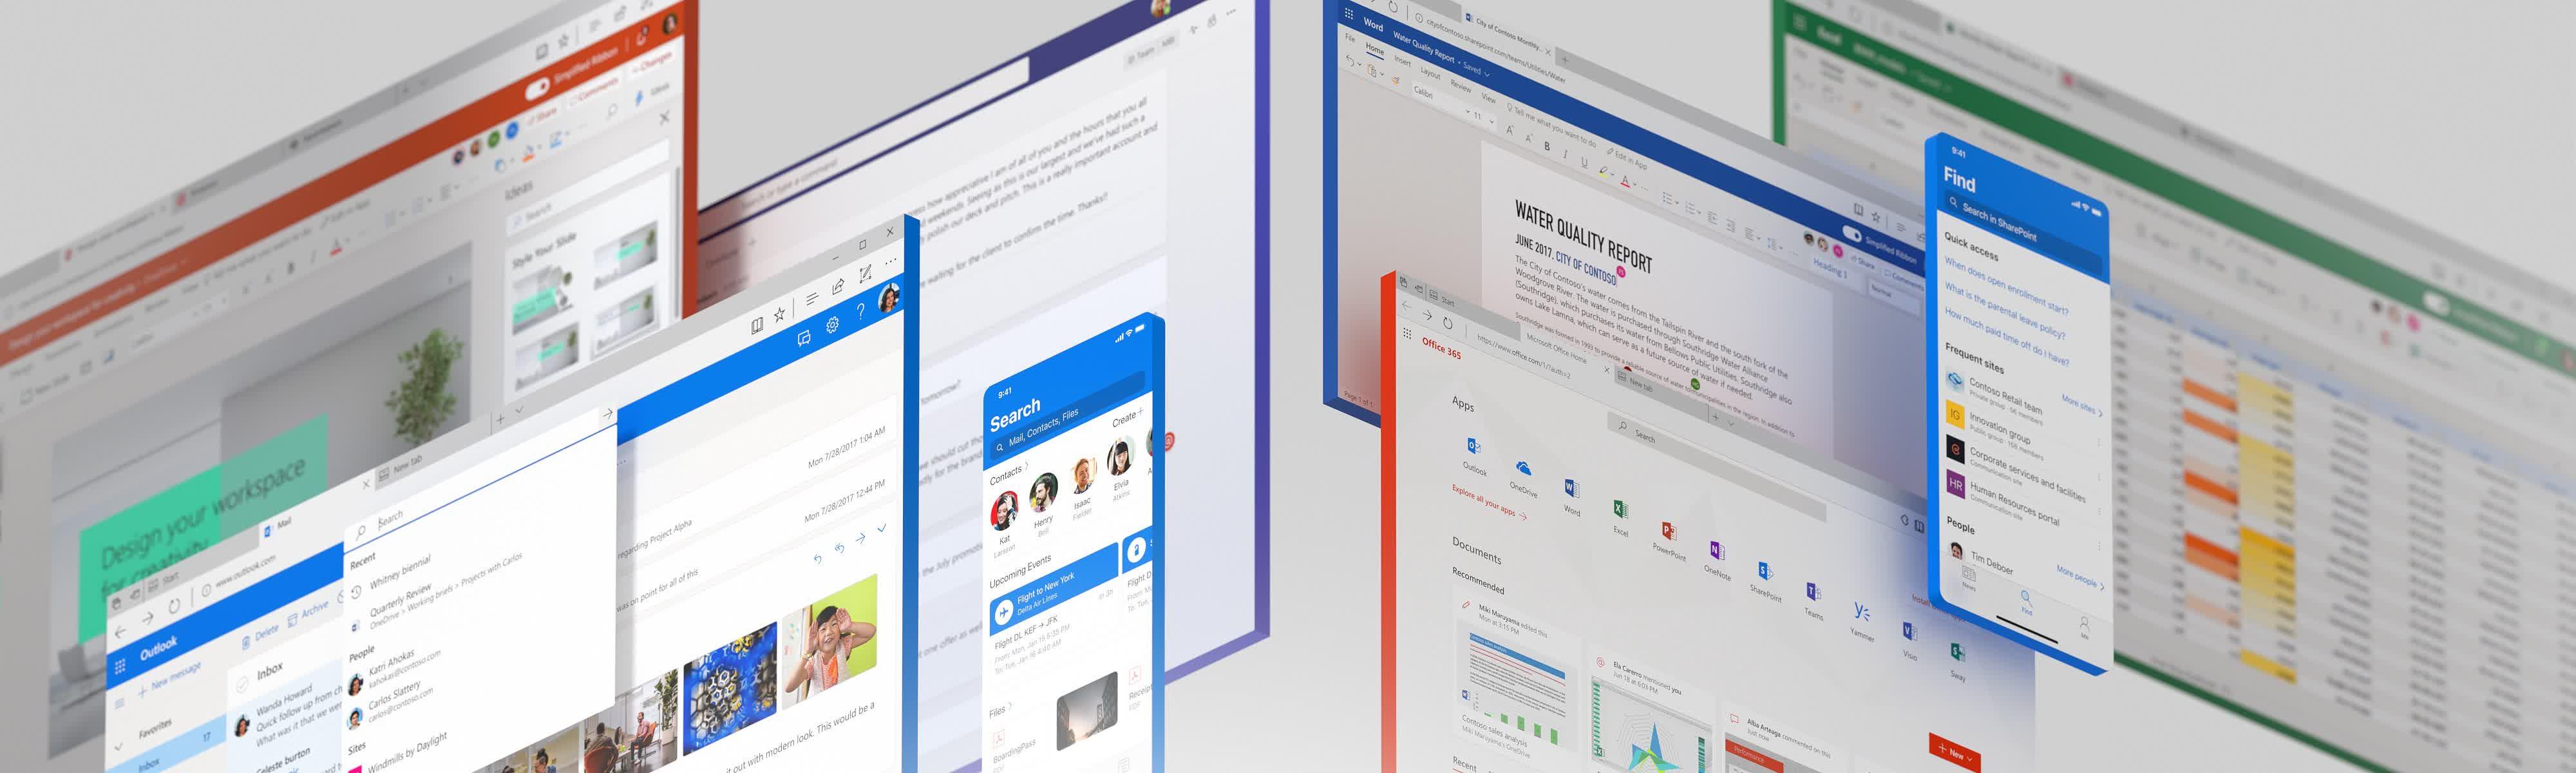 Microsoft Office 2021 debarque aux cotes de Windows 11 le